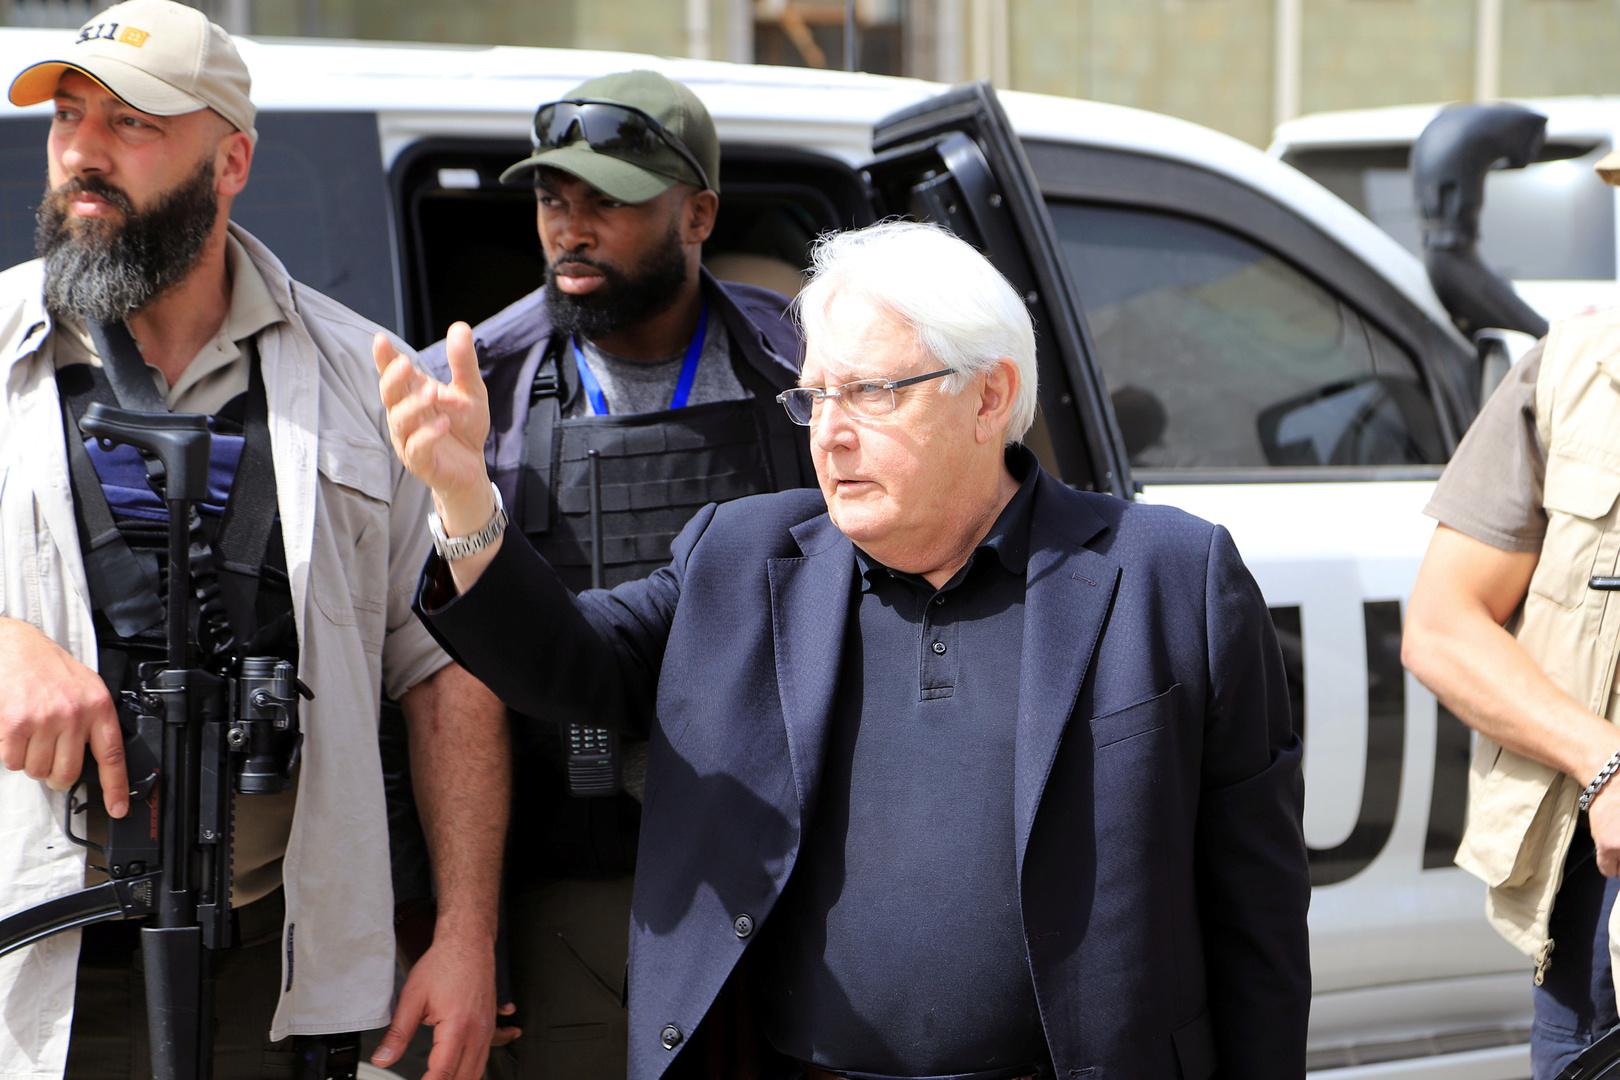 الحوثيون يتهمون غريفيث بالانحياز لصالح التحالف العربي